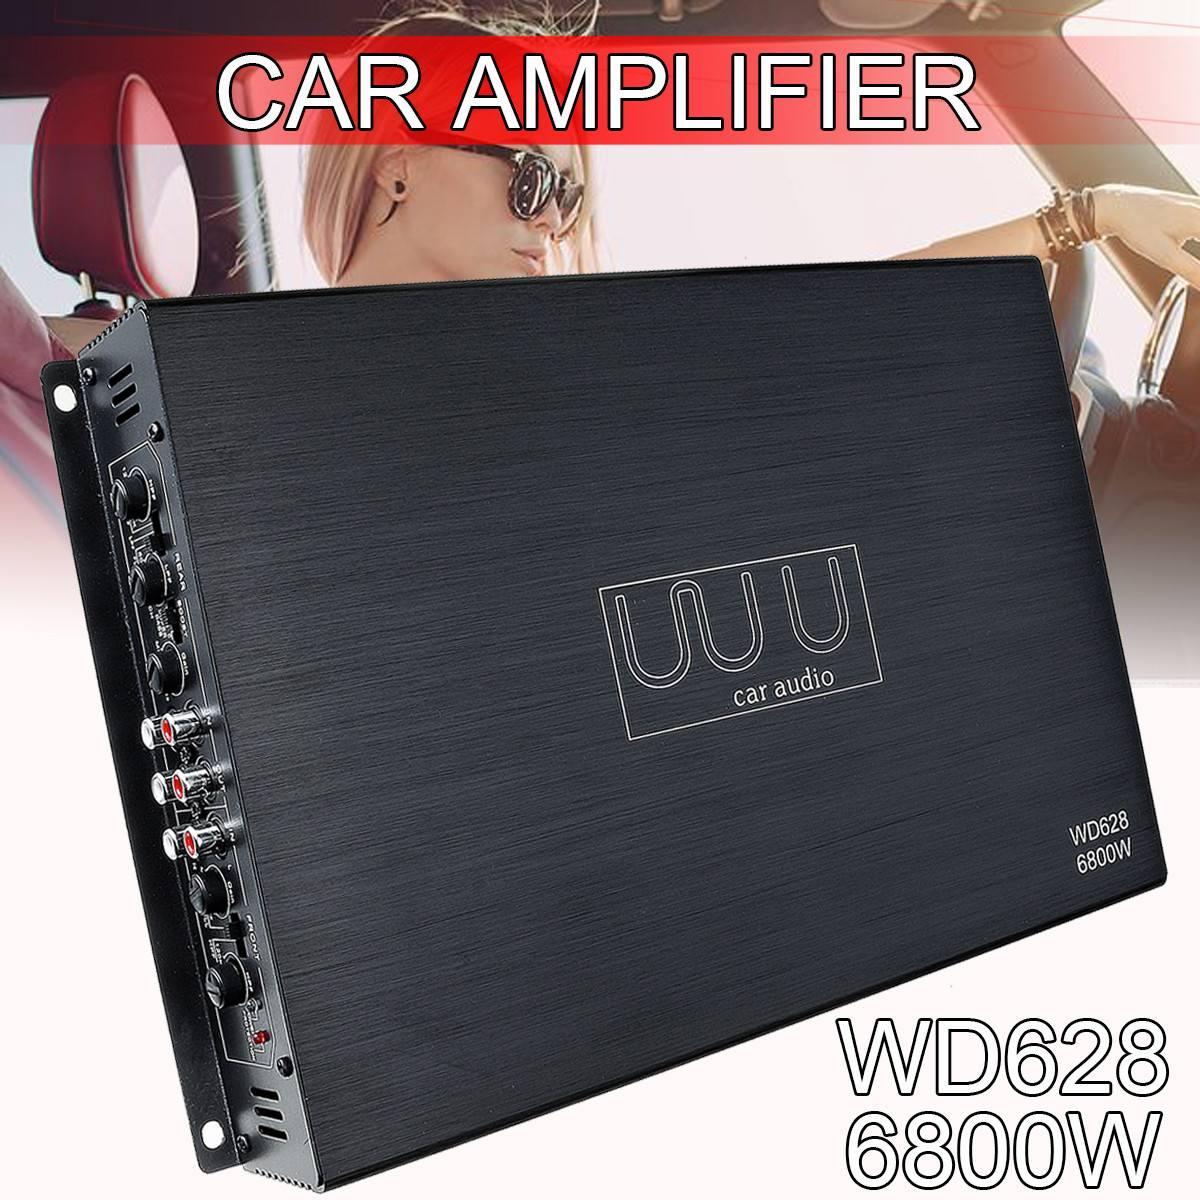 DC 12 V 6800 Watt 4 canaux amplificateur de voiture Audio stéréo haut-parleur de basse voiture amplificateurs Audio Subwoofer voiture amplificateurs Audio